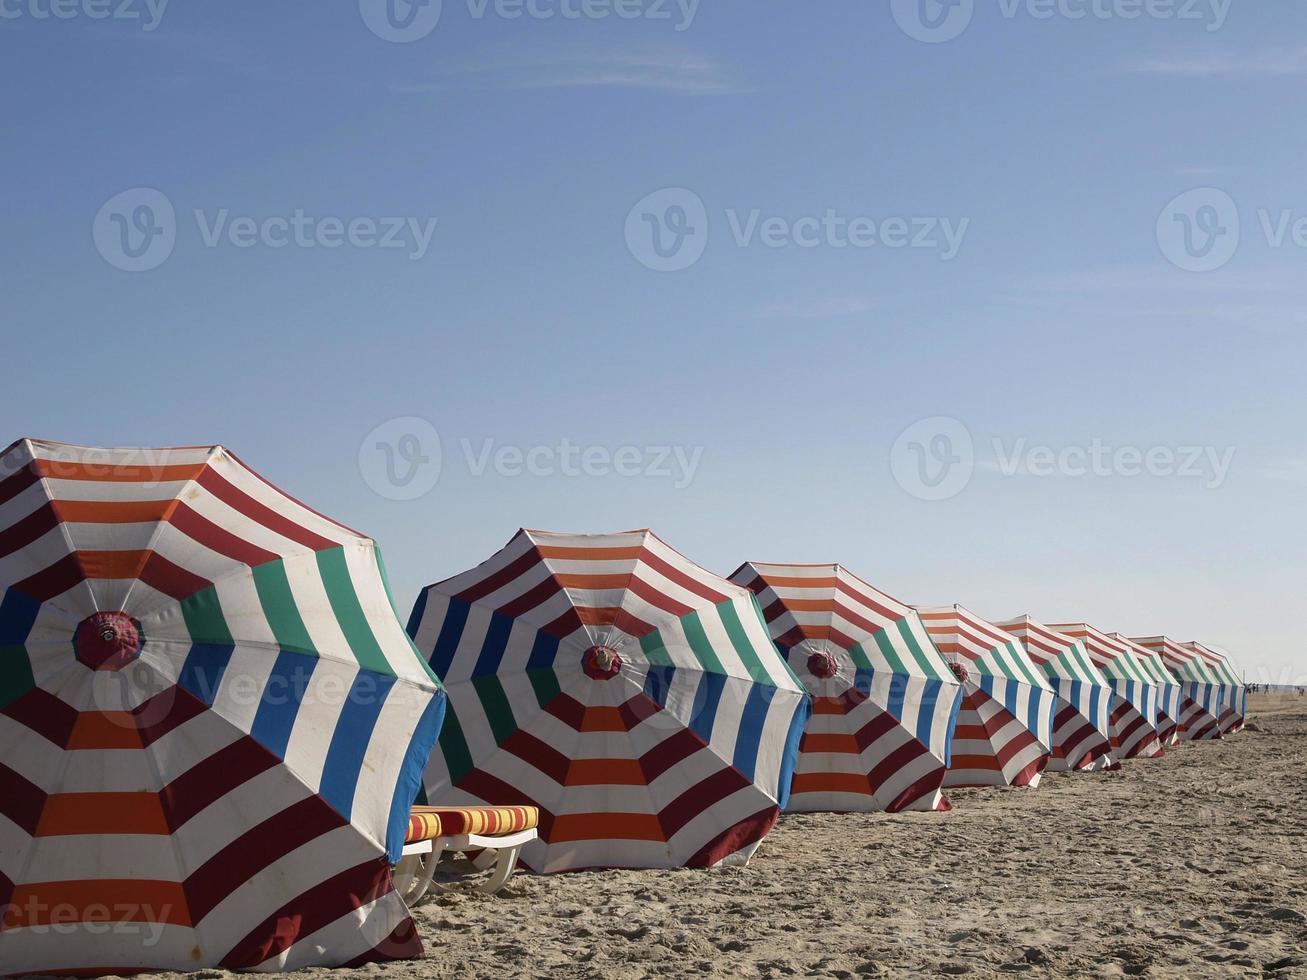 Sonnenschirme mit freiem Raum darüber. foto